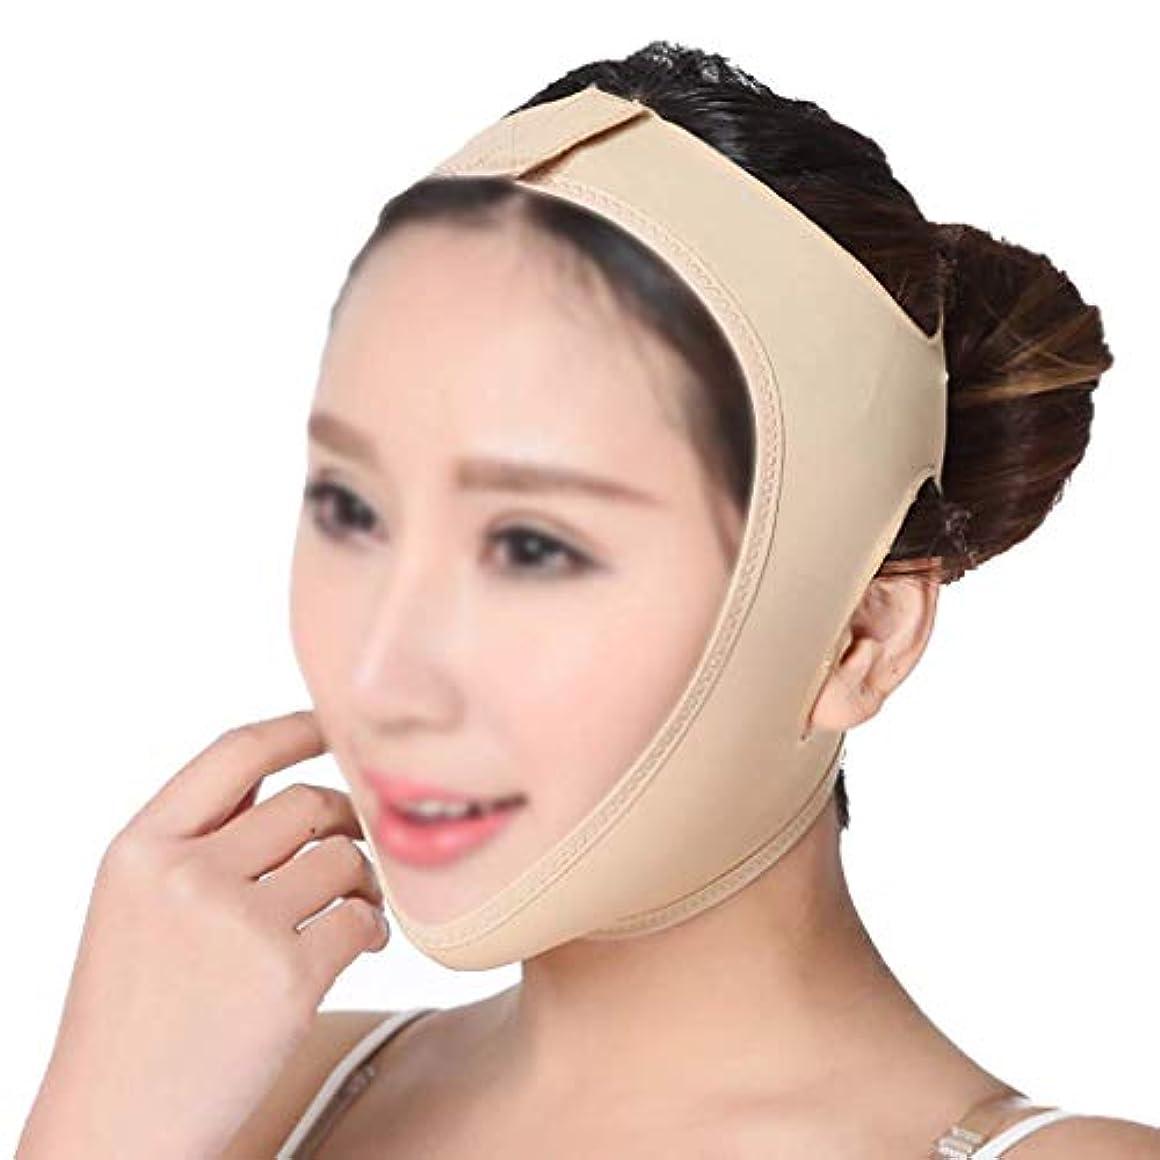 フェイスリフティング包帯、Vフェイスインストゥルメントフェイスマスクアーティファクト引き締めマスク手動フェイシャルマッサージャー通気性肌のトーン(サイズ:xl),M